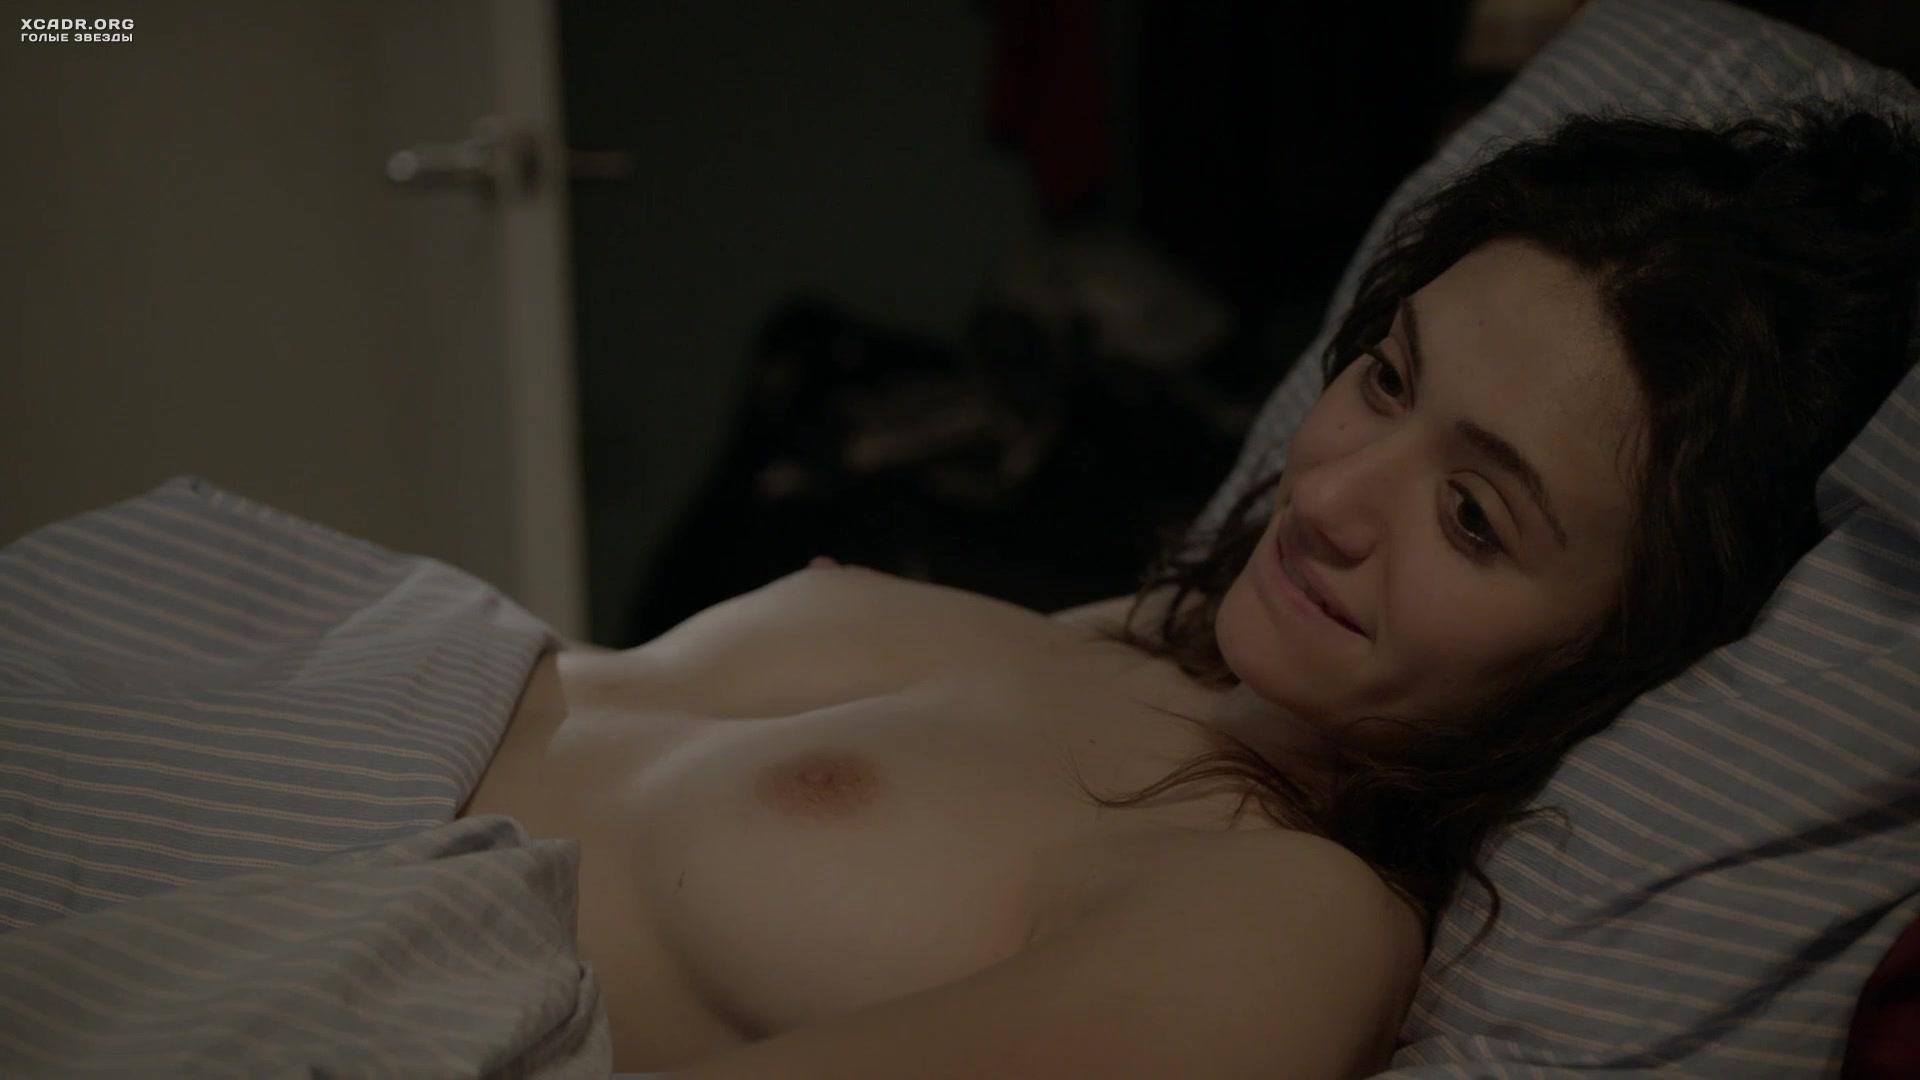 besstizhie-eroticheskie-momenti